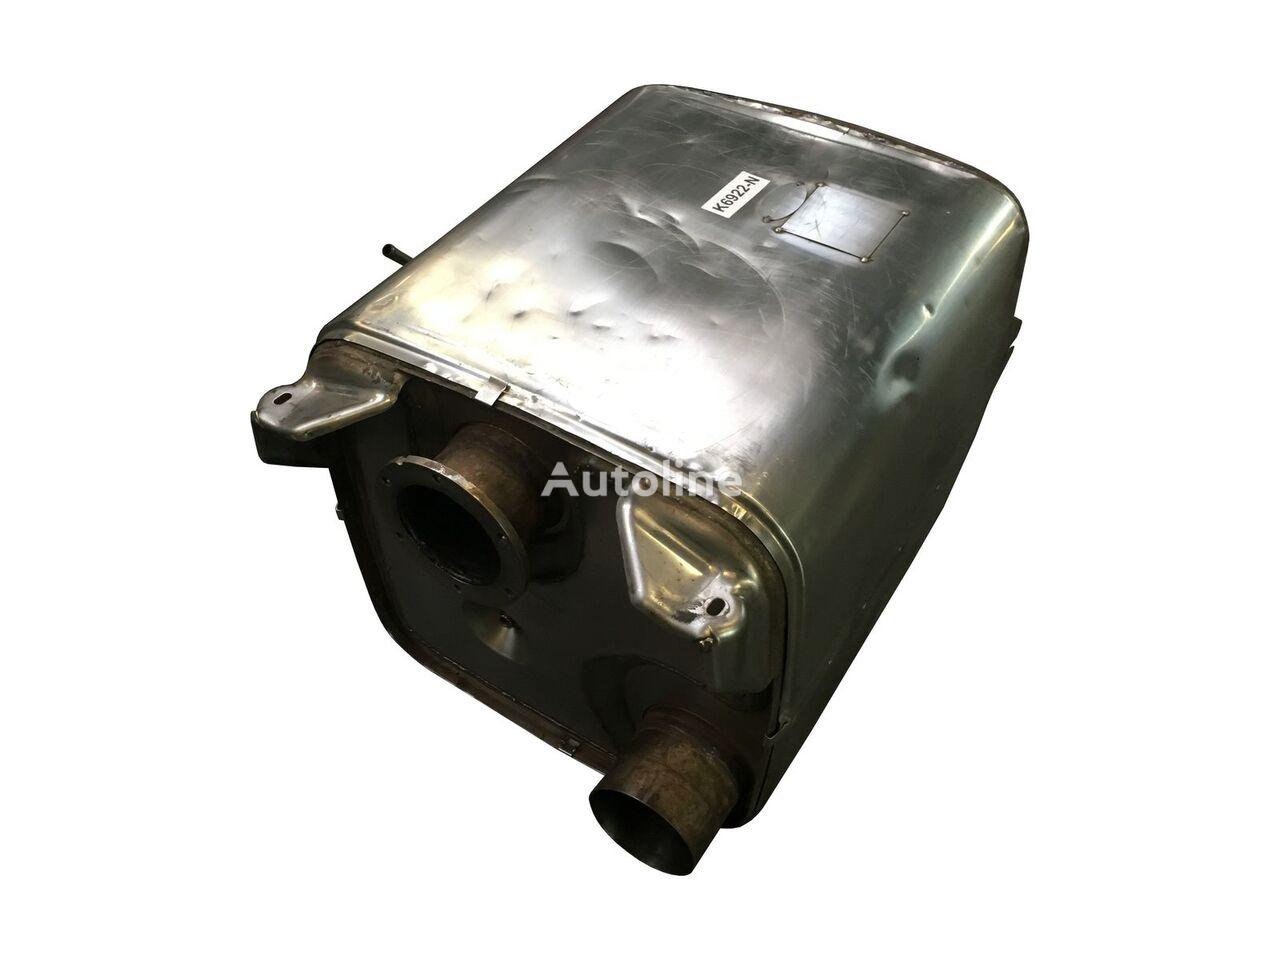 MERCEDES-BENZ Euro 5 (A0014904914) catalizador para MERCEDES-BENZ O530 , Tourismo , Integro , Intouro , Setra camión